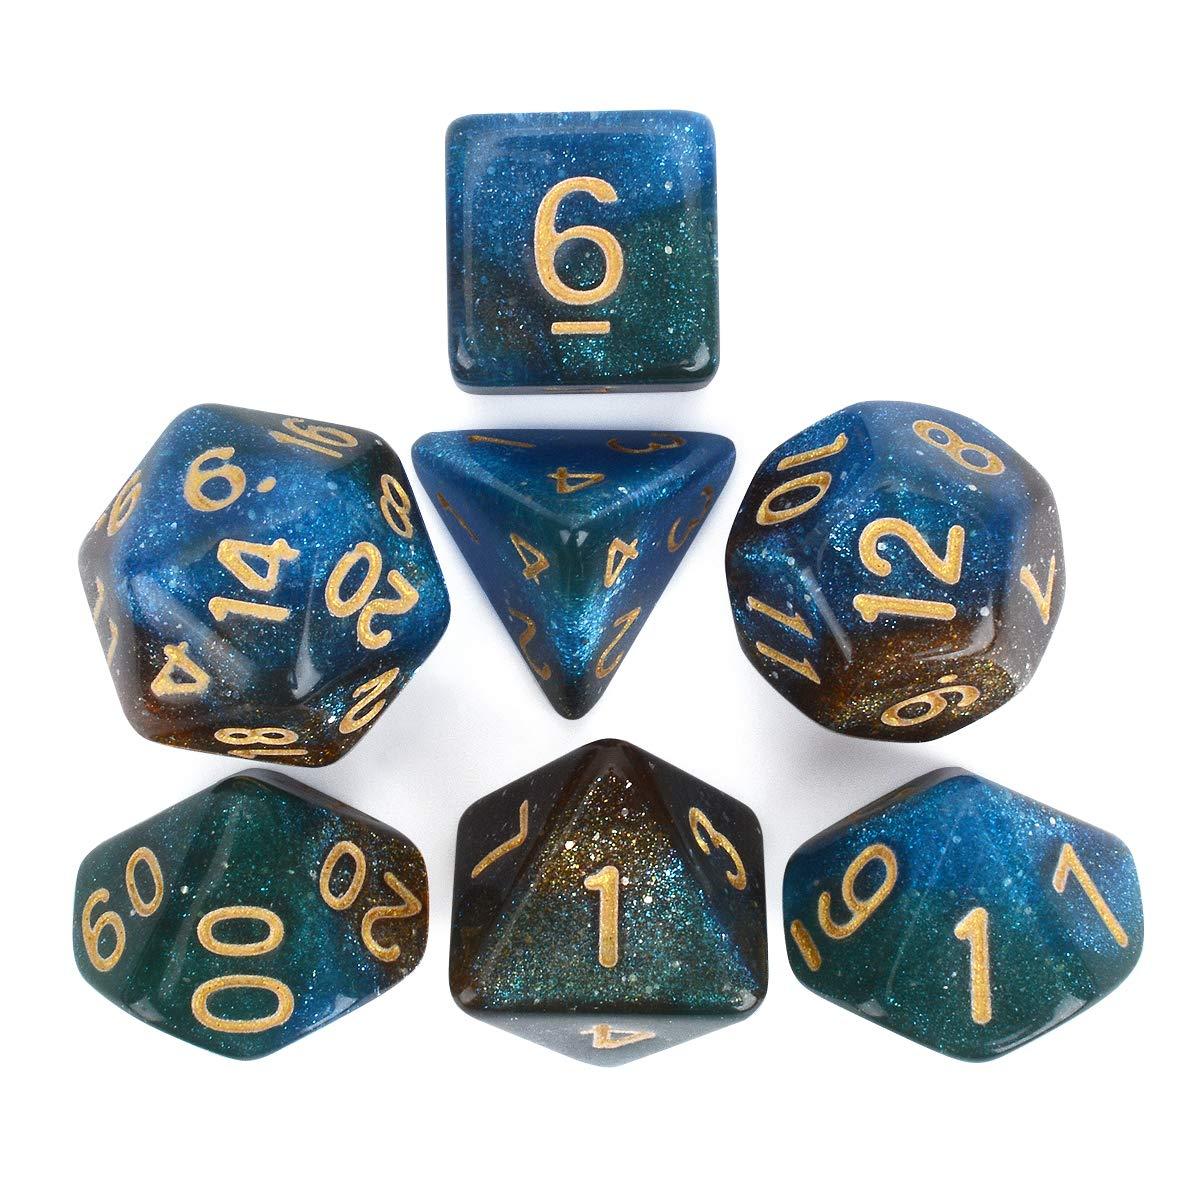 FLASHOWL Multicolor Chameleon Dice Starry Sky Dices Set Juego de Dados DND para Juegos de rol, Juegos de Mesa, Mazmorras y Dragones Juego de Dados poliédrico Juego de Dados 7 Piezas: Amazon.es: